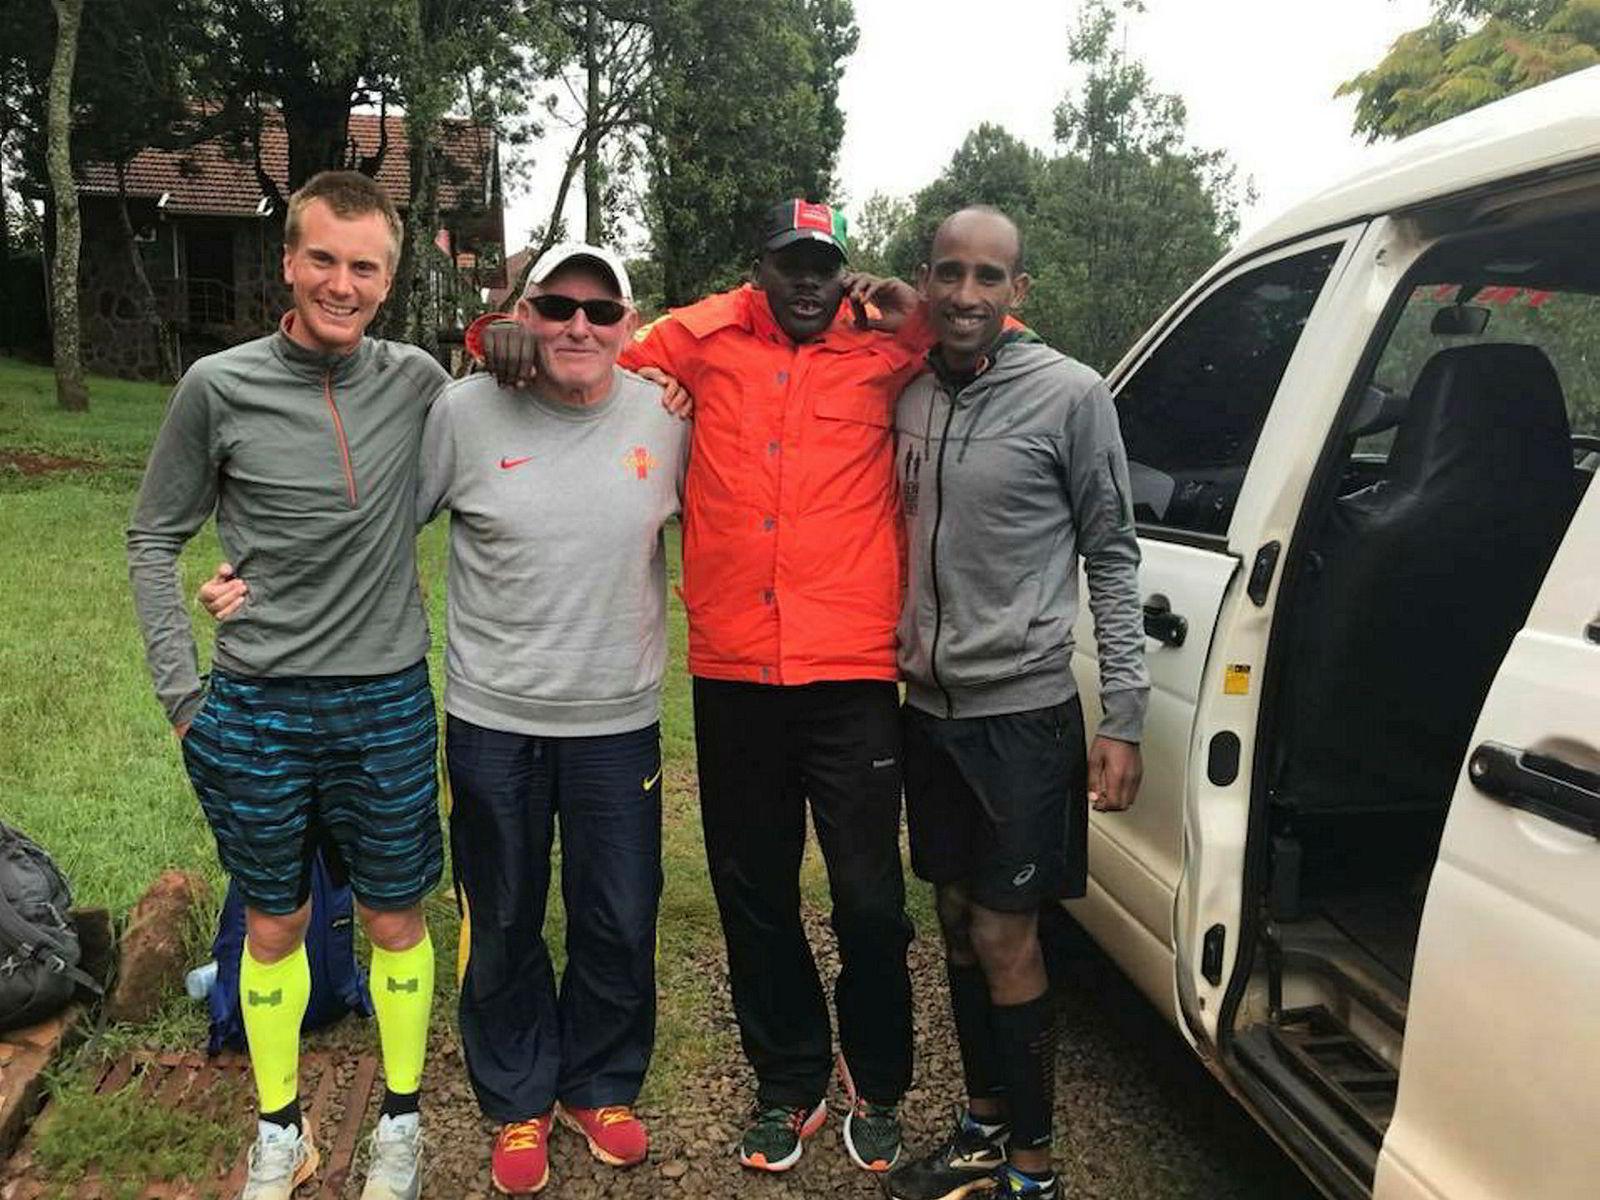 Sondre Nordstad Moen har tilbrakt ekstremt mye tid i Kenya, også før han fikk sin nye italienske trener. Her er trønderen sammen med treneren Renato Canova, John litei og Tess Felfele.